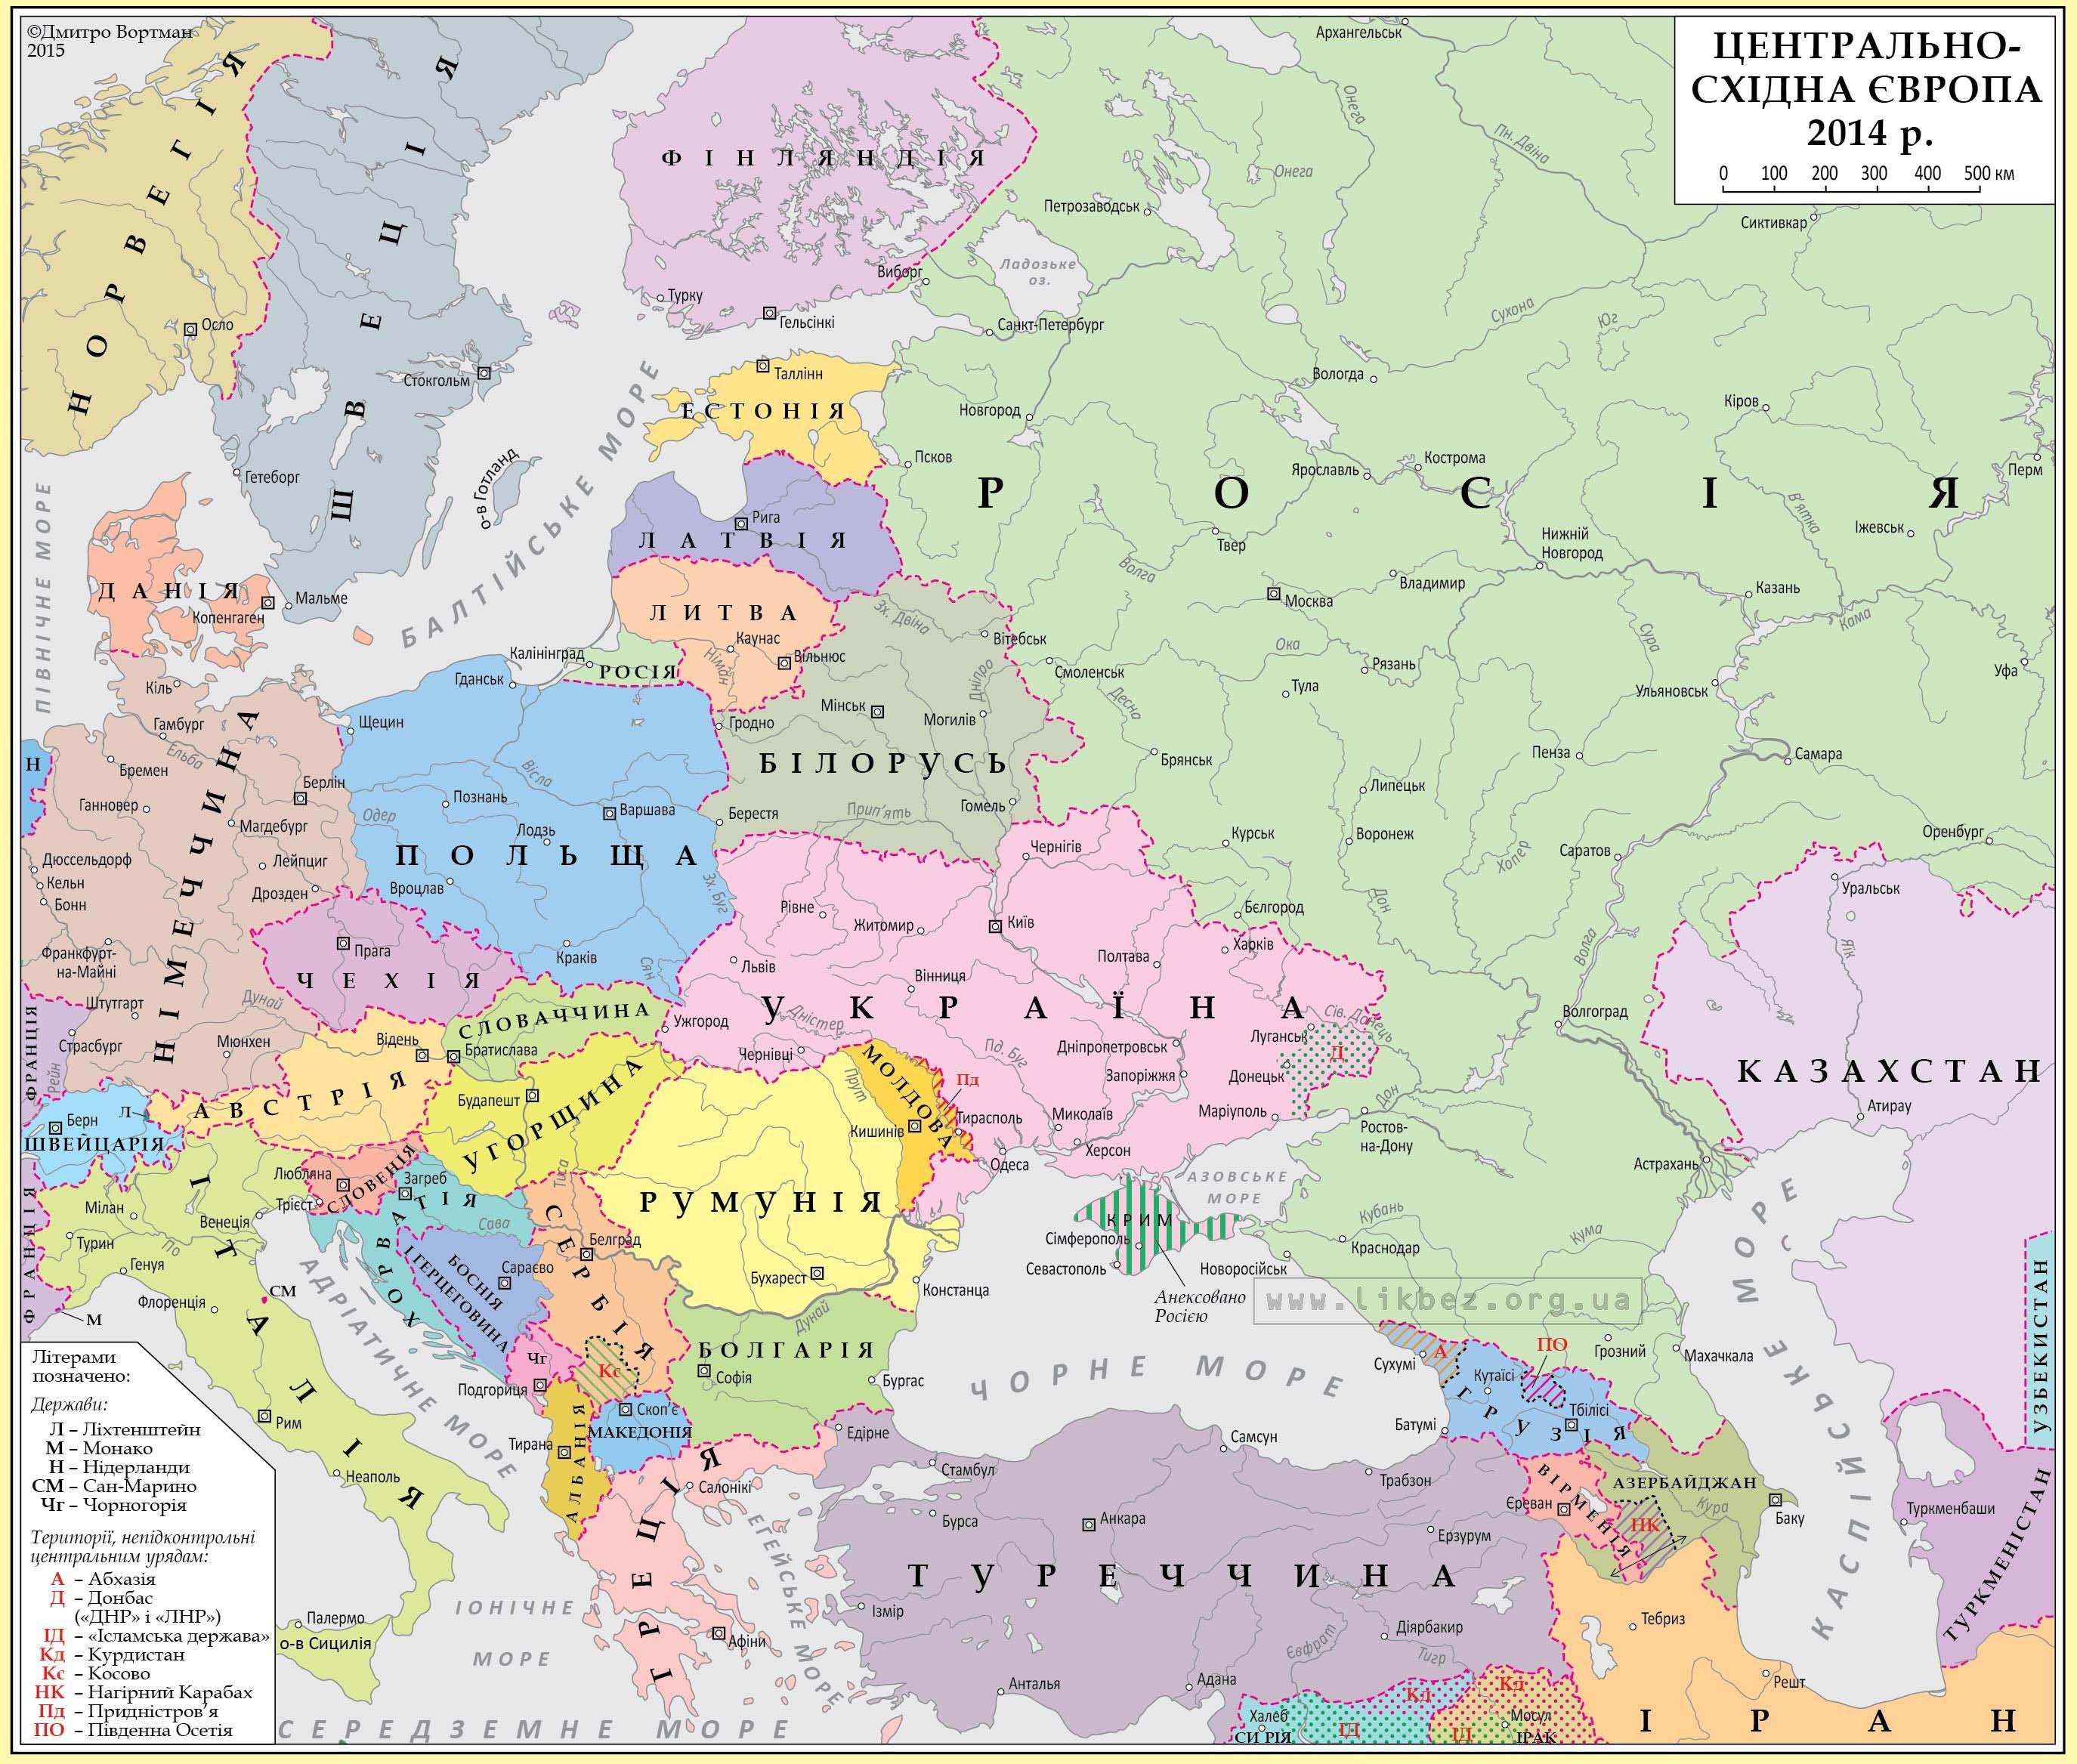 карты европы для навител скачать бесплатно 2014 торрент